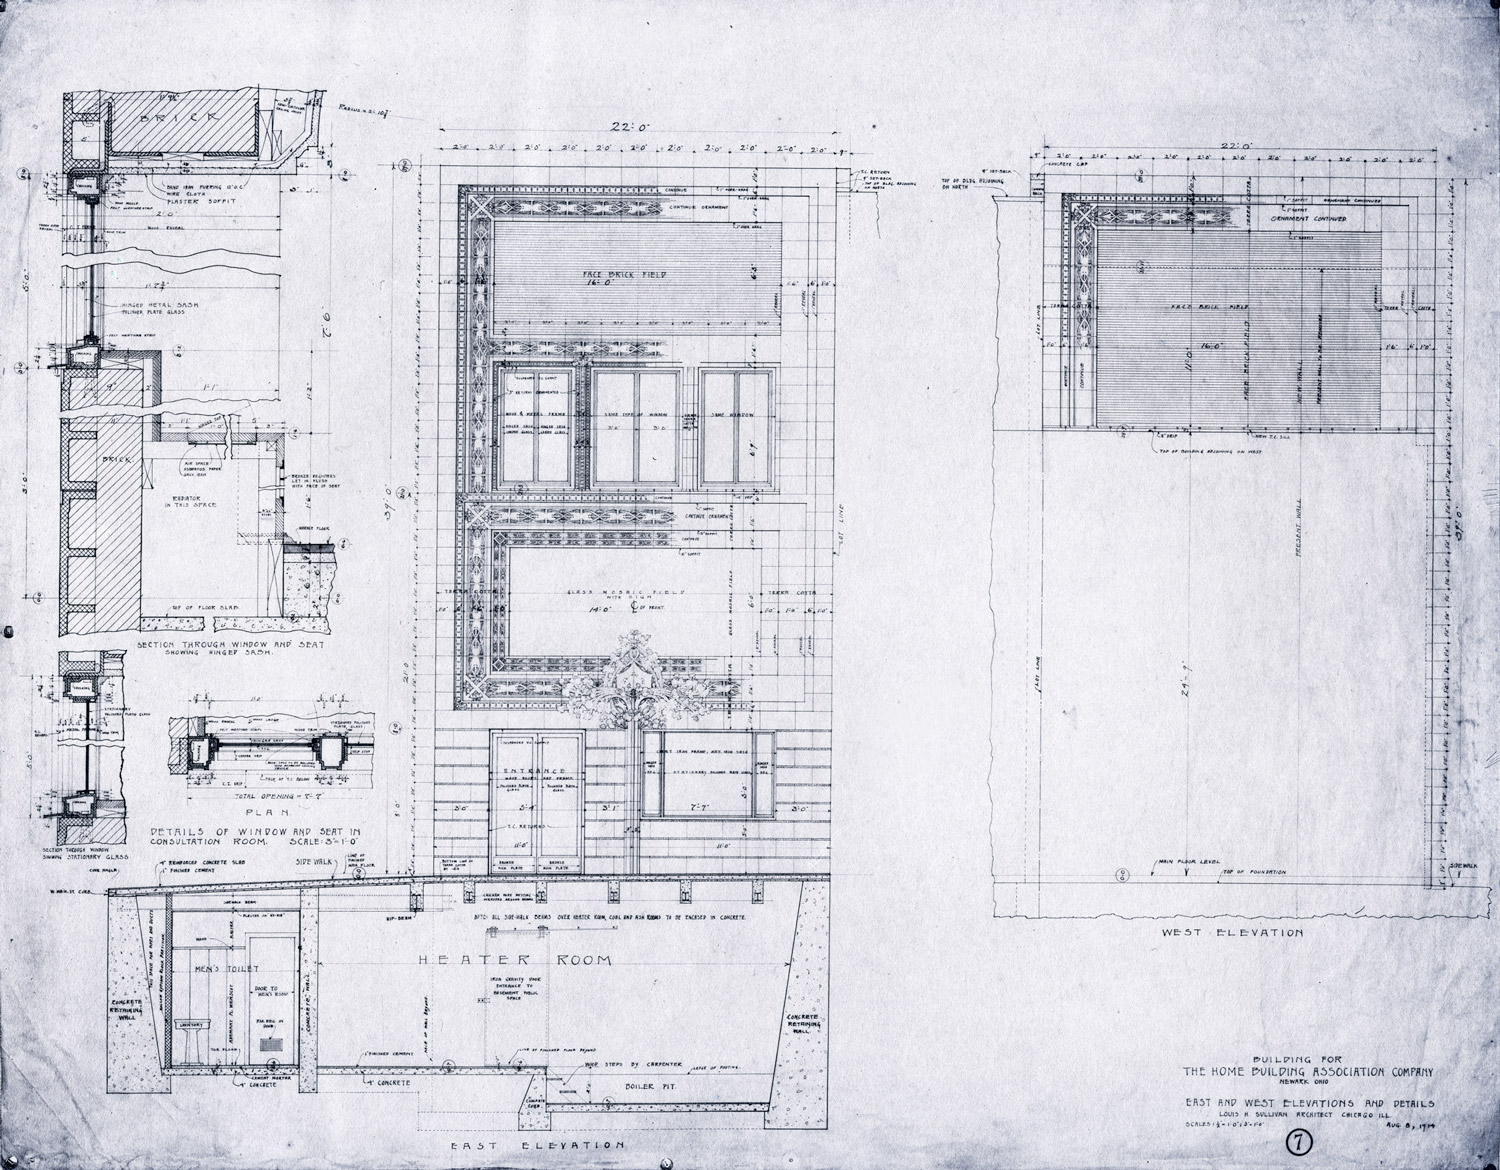 193101_007-web.jpg